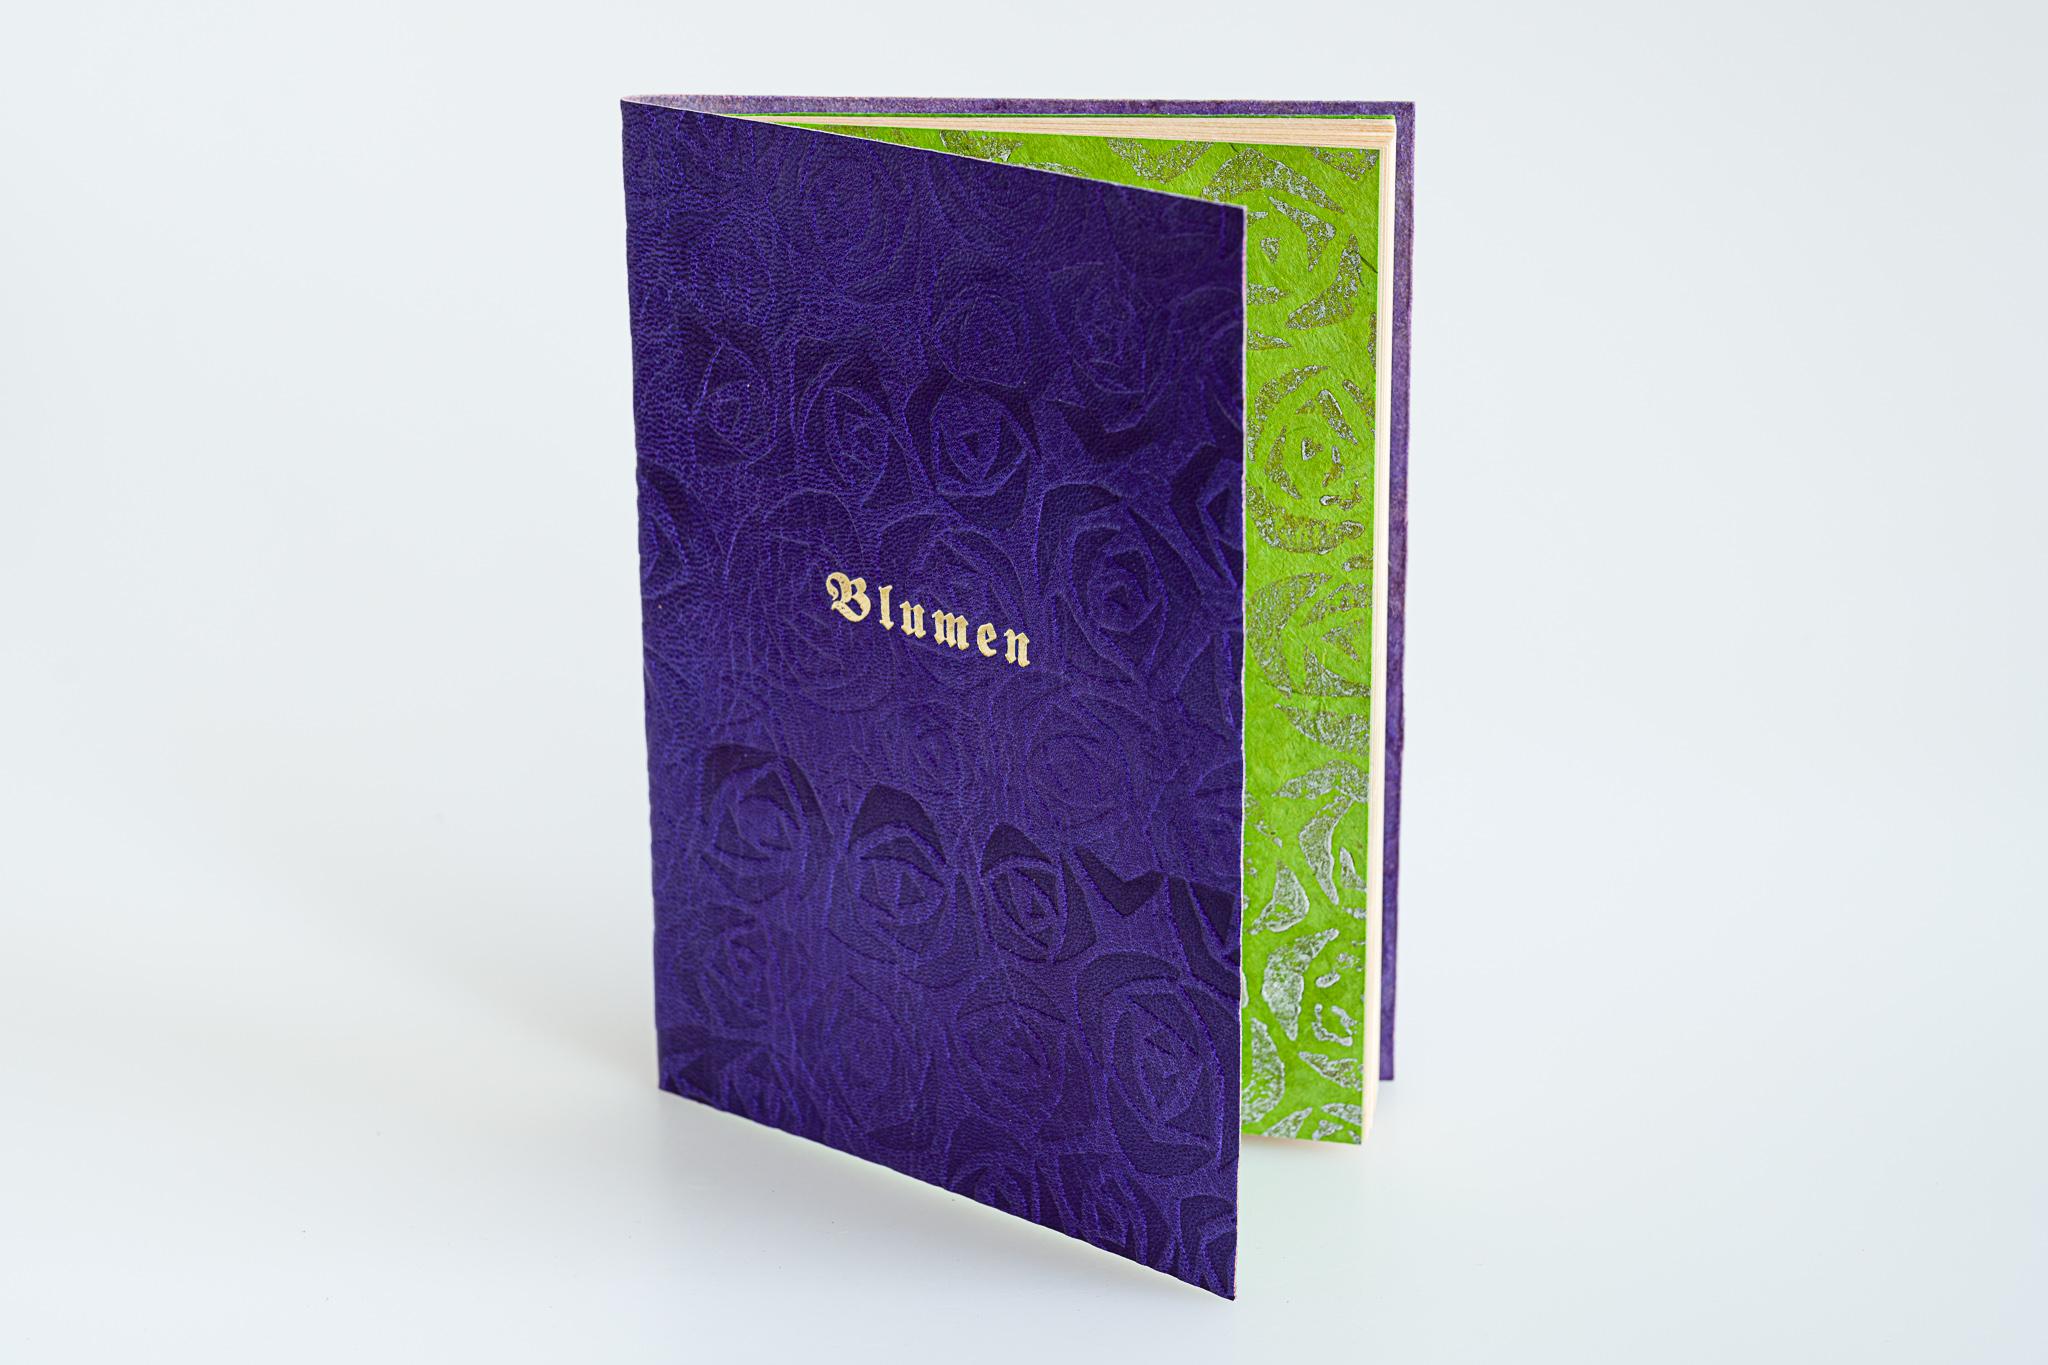 Blumen, Gedichte, illustriert von J.L. Gampp, flexibler Lederband aus Oasenziege, bedruckt, Goldtitel, Euro 350.-